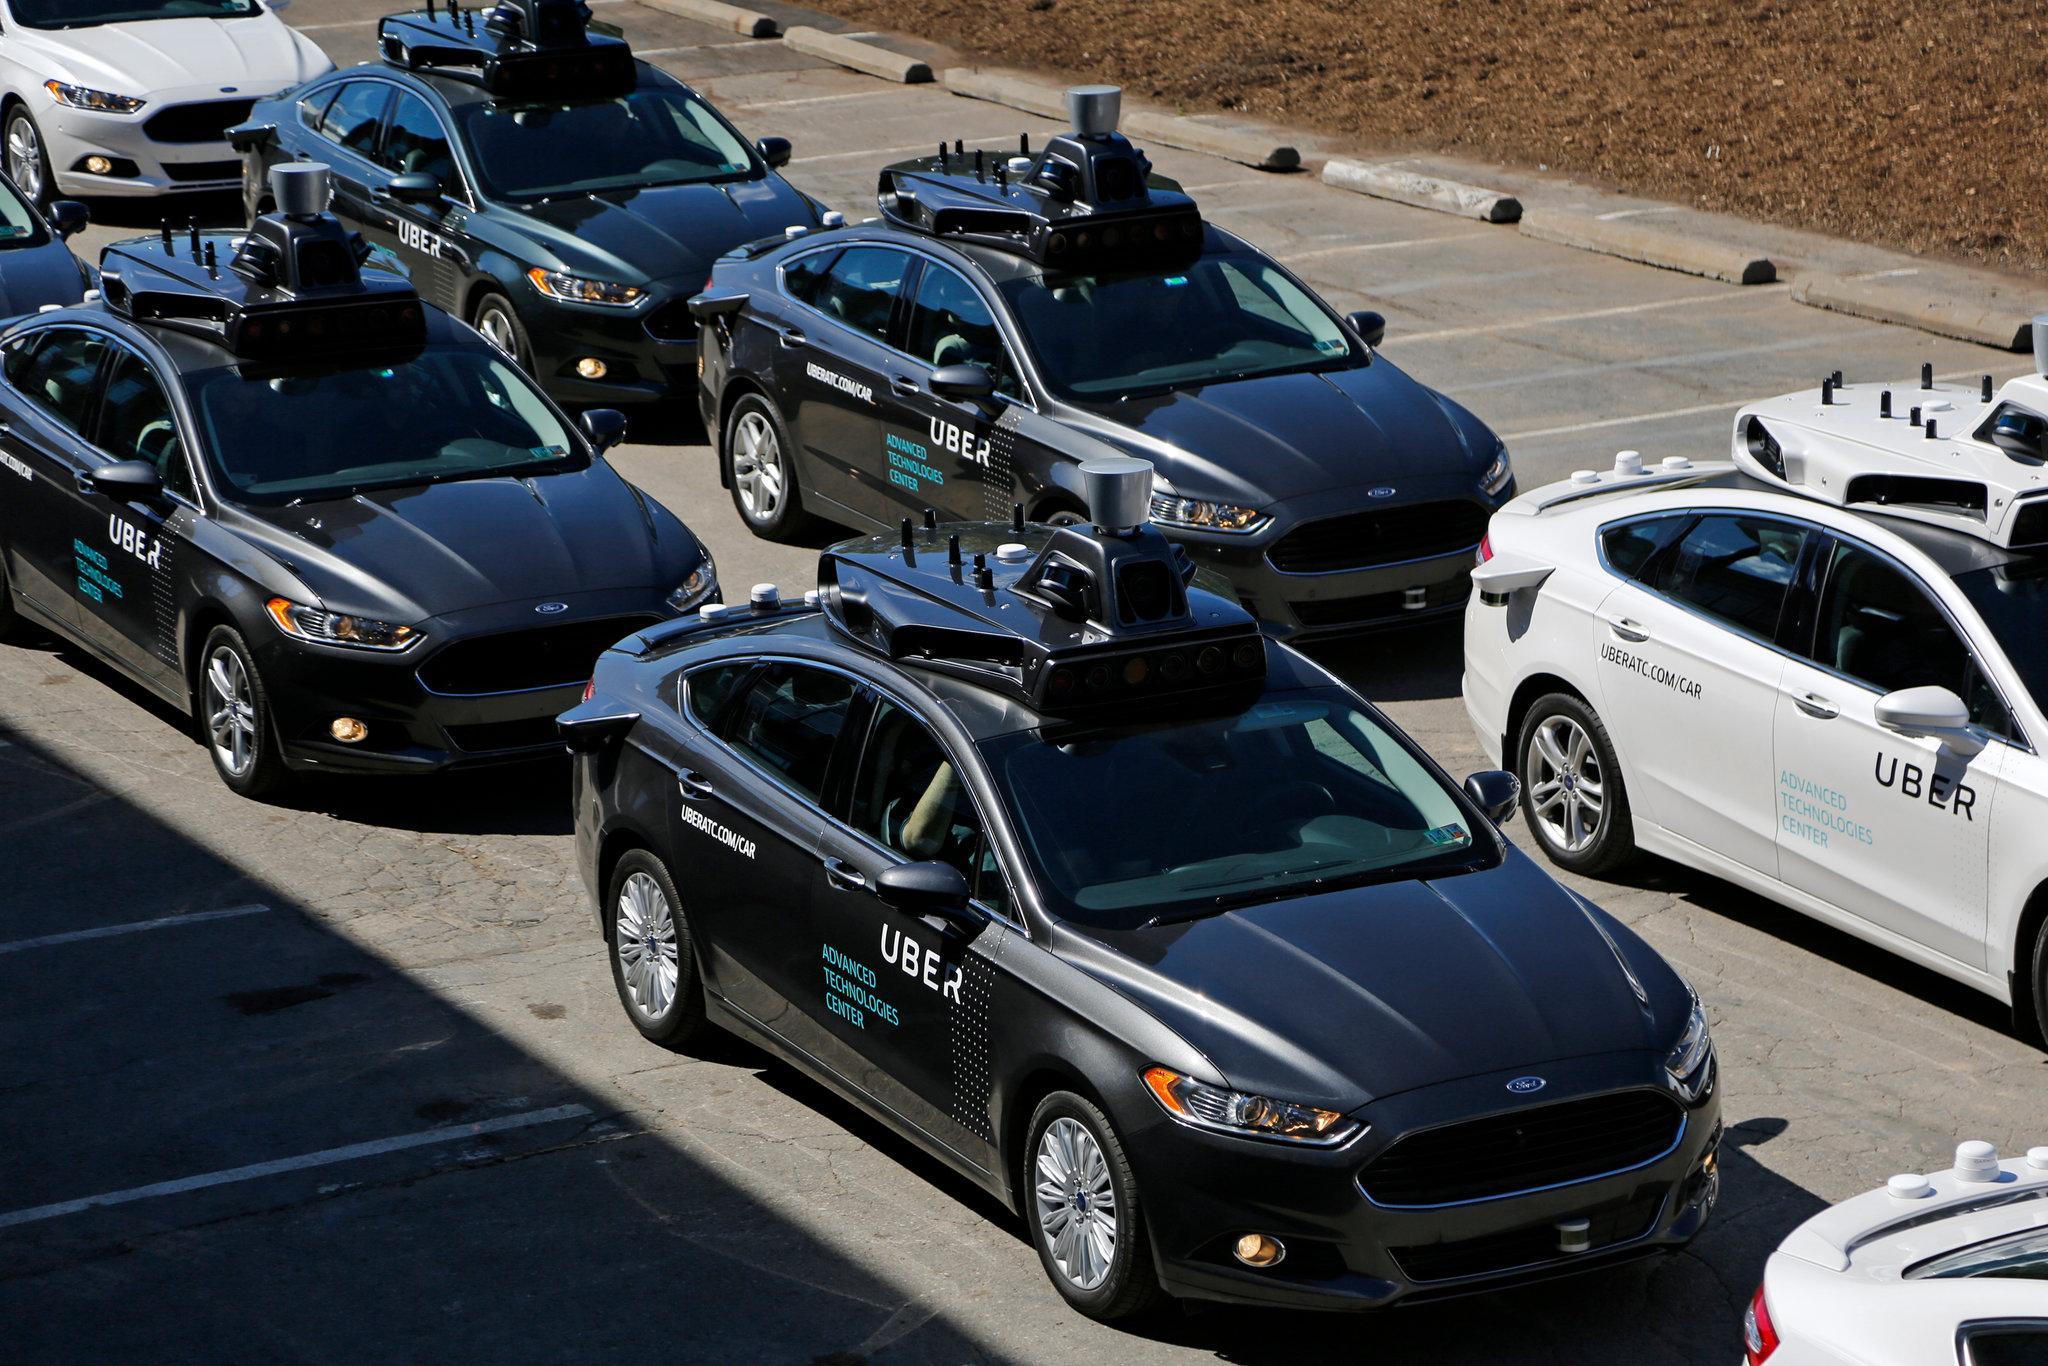 Imagem de Carro autônomo da Uber causa primeira morte registrada em acidente no tecmundo